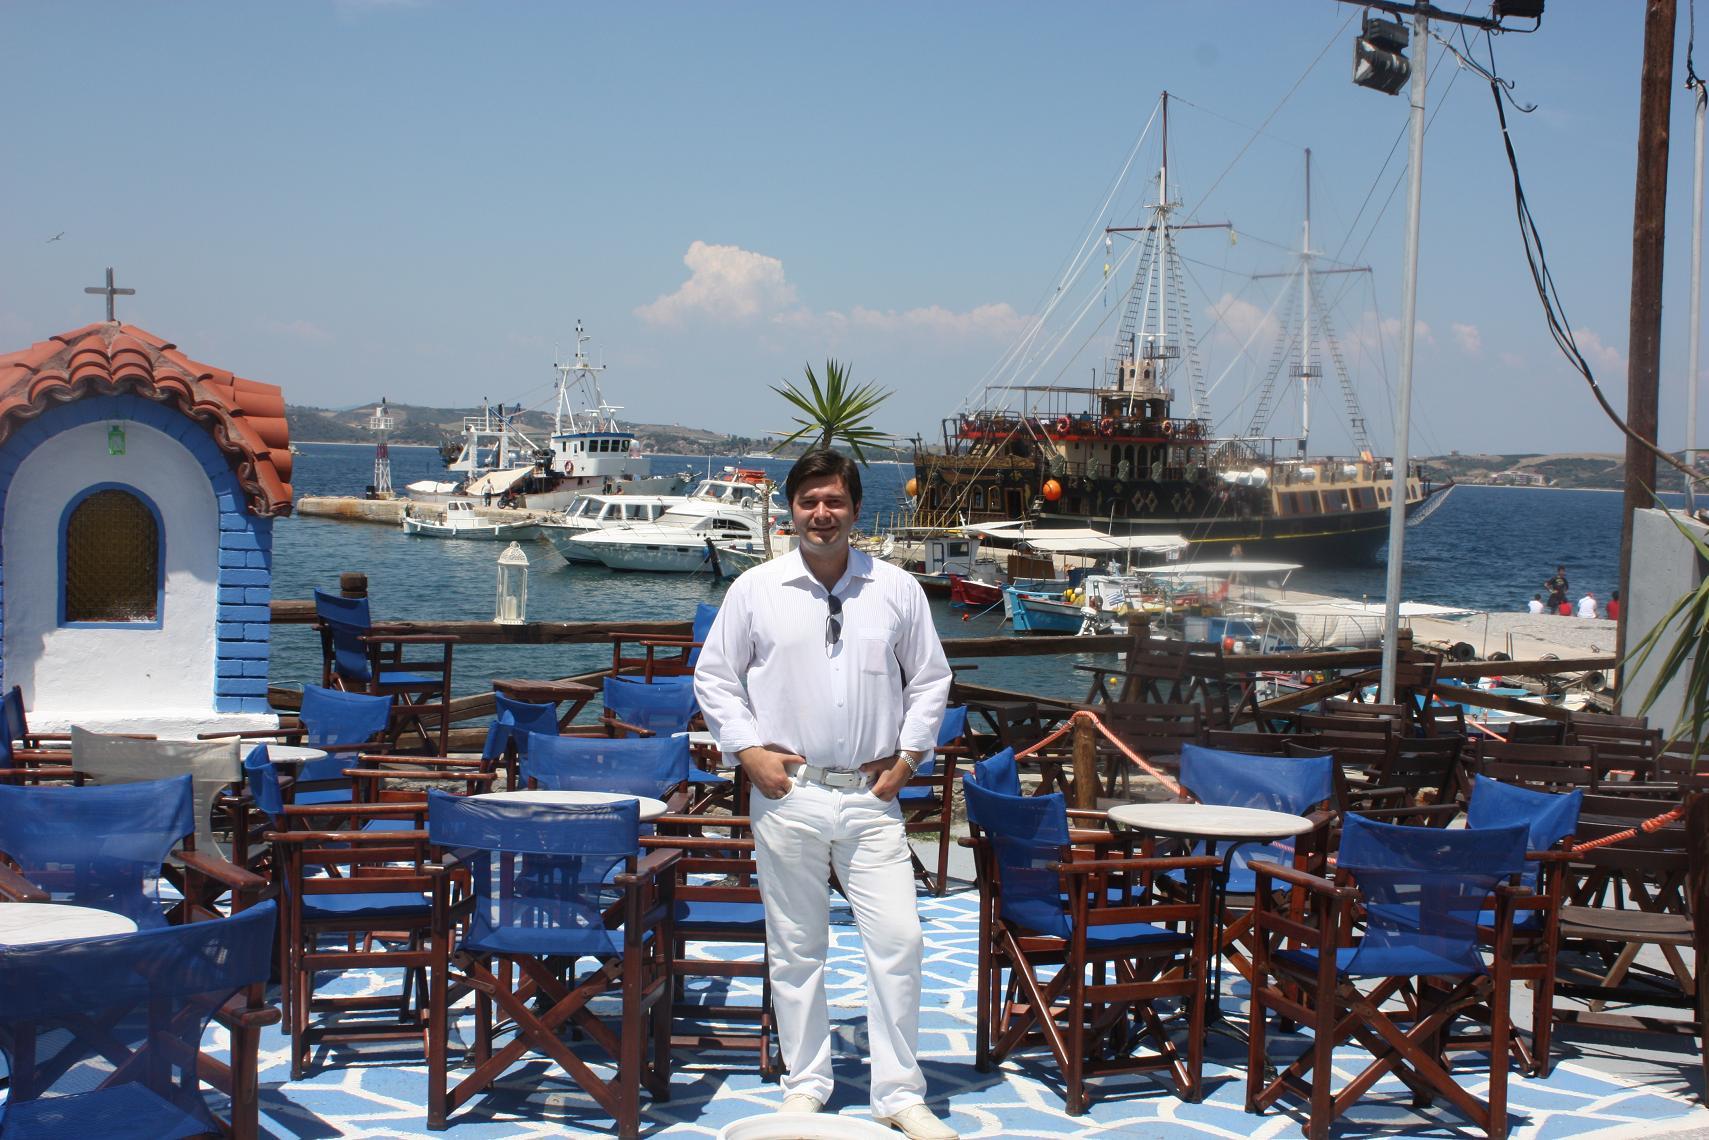 Cred în Grecia! Merg în Grecia! Cred în spiritul Zorba!